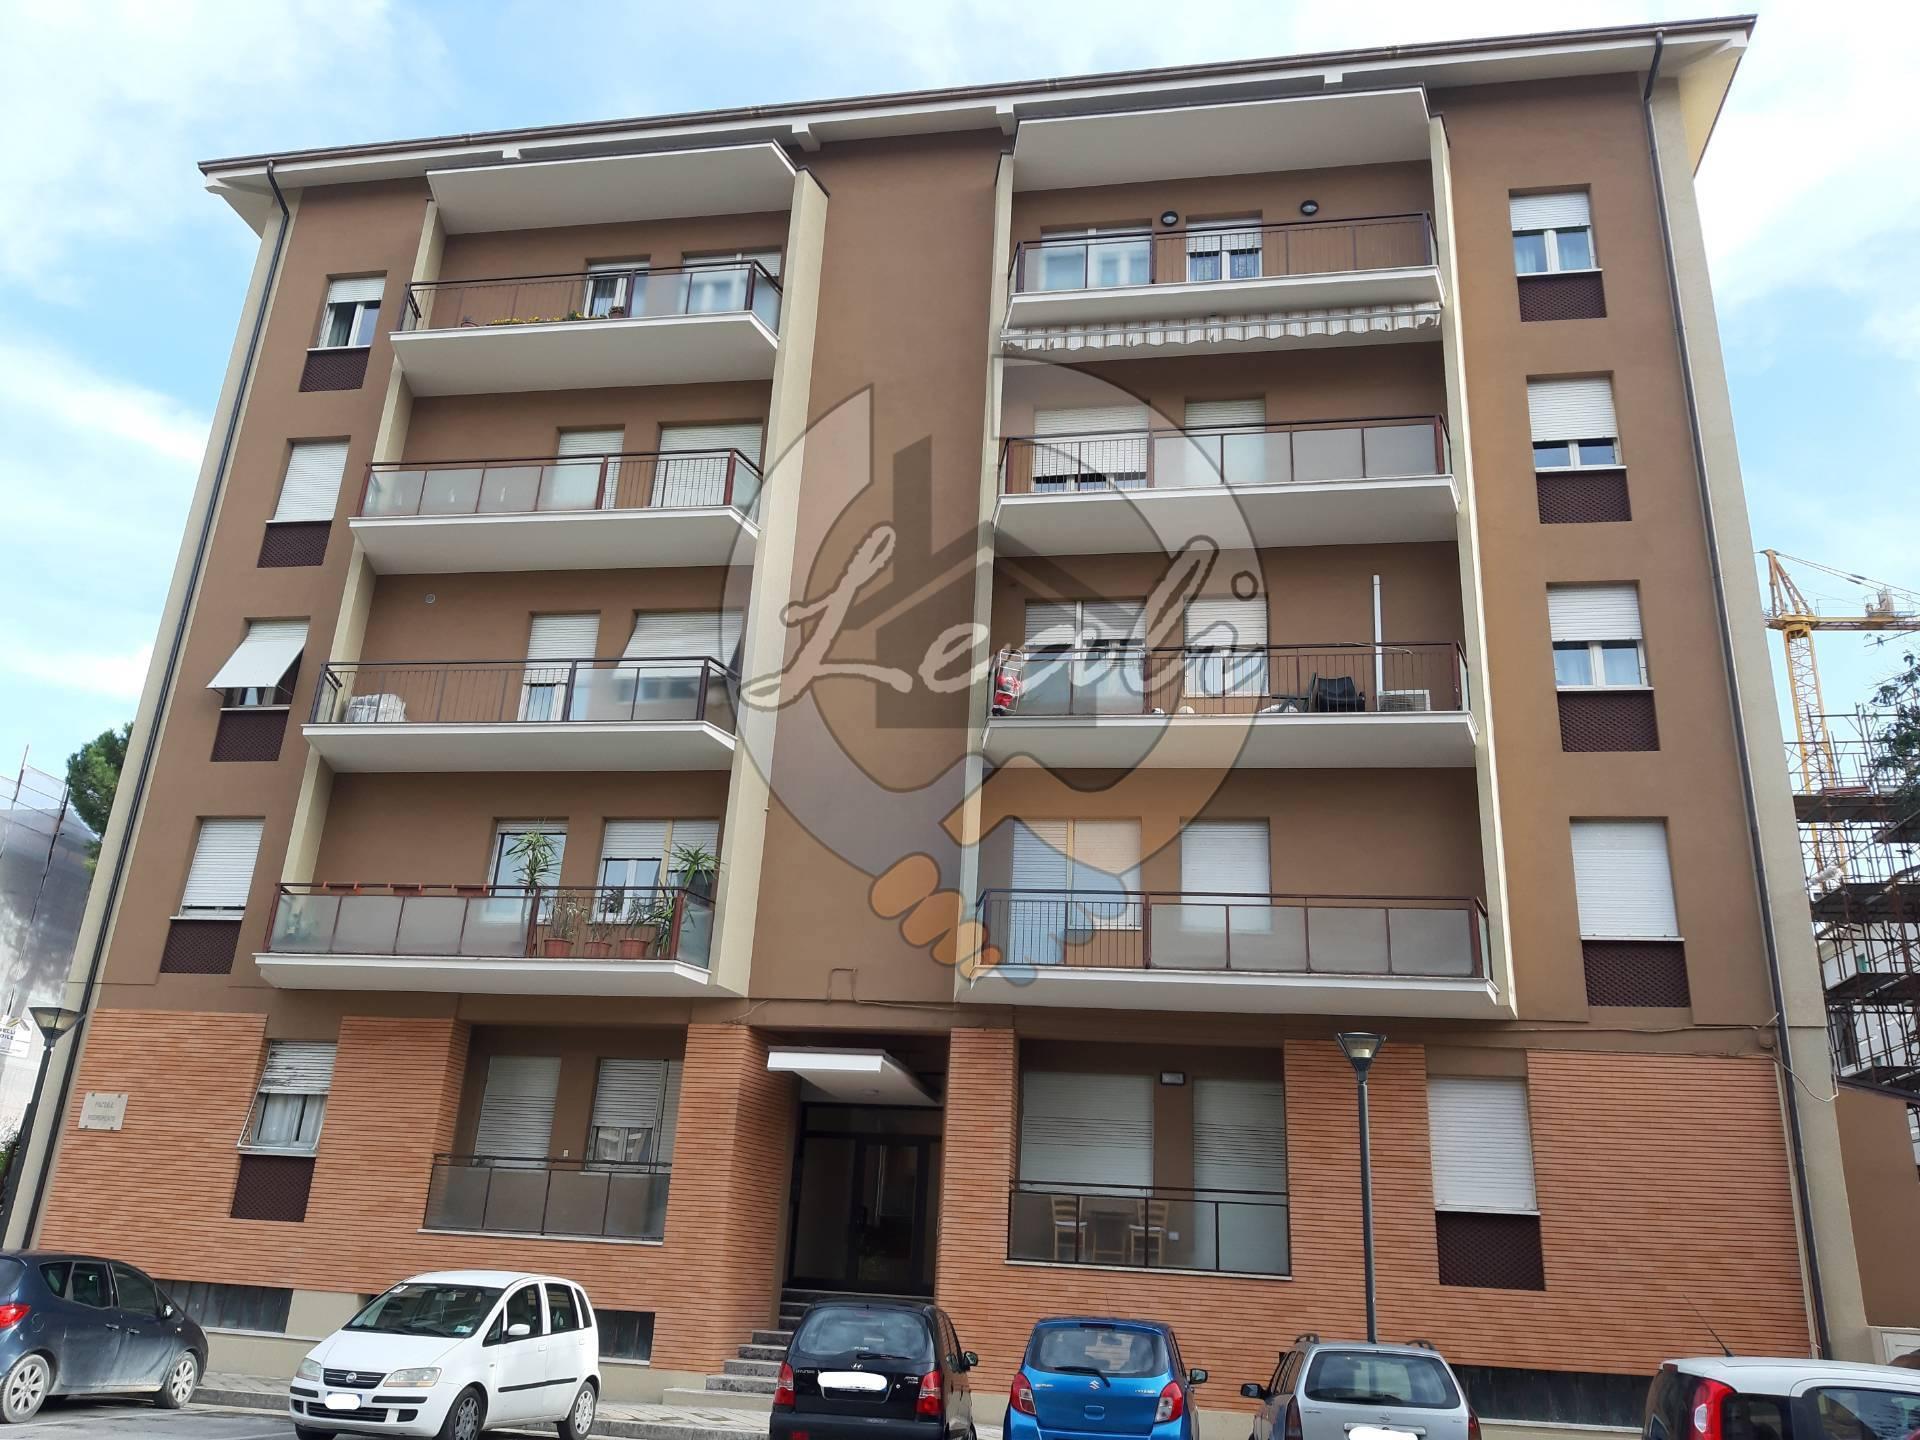 Appartamento in vendita a Tolentino, 6 locali, prezzo € 150.000 | CambioCasa.it